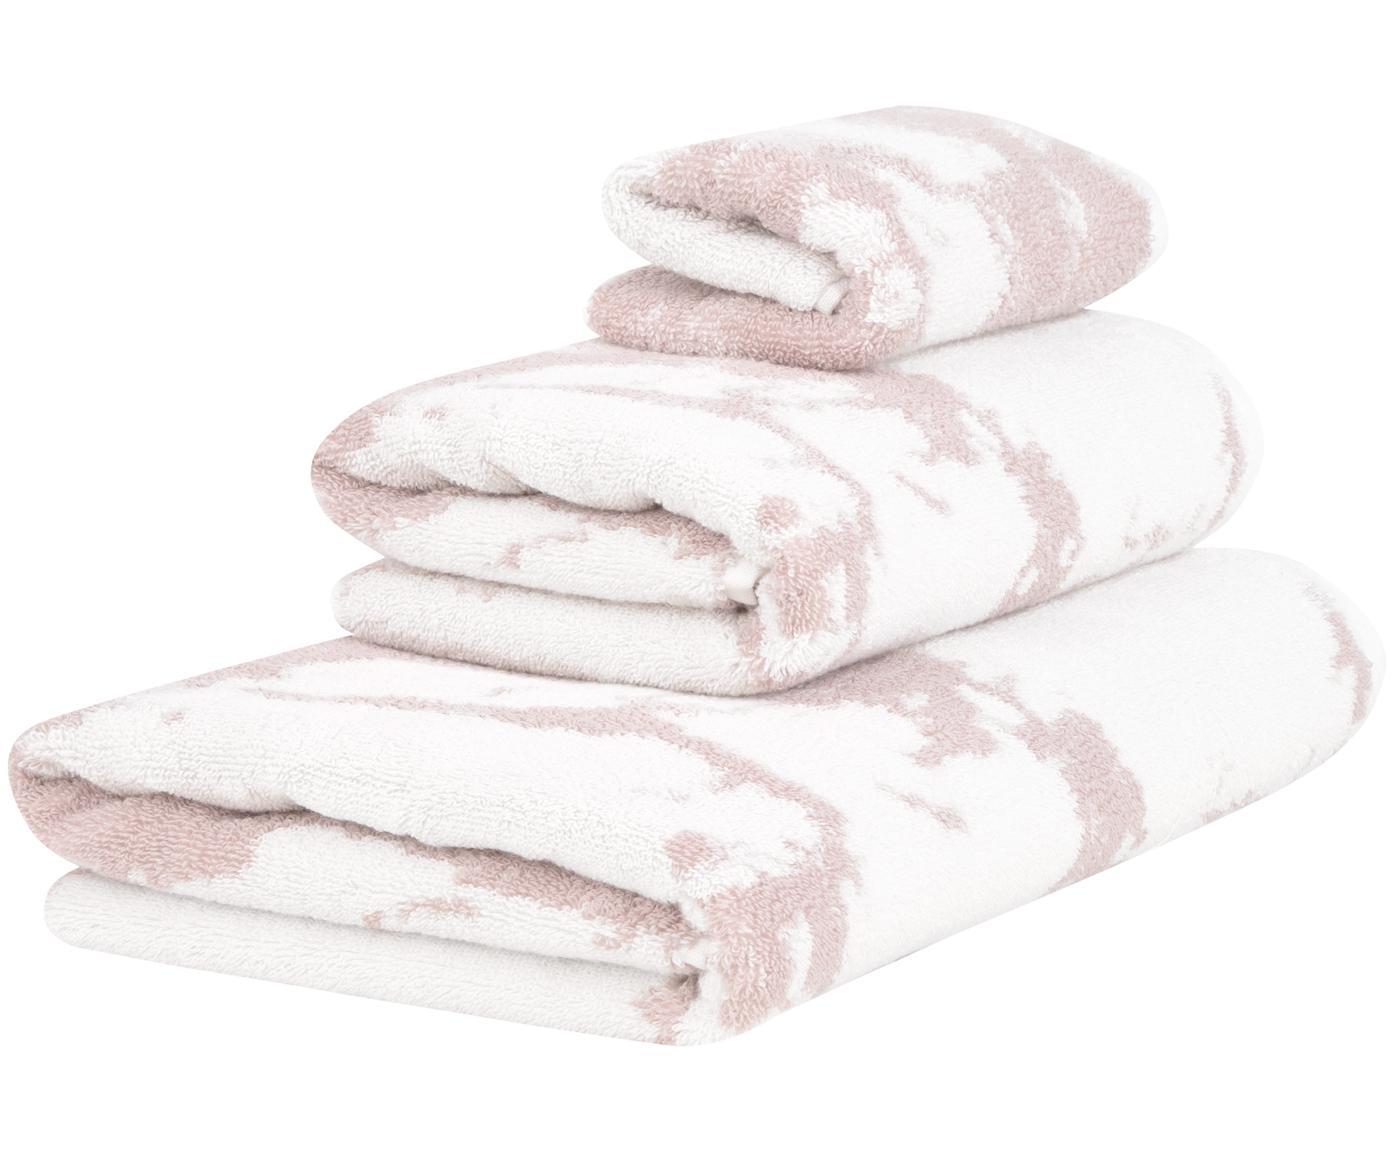 Komplet ręczników Marmo, 3 elem., Blady różowy, kremowobiały, Różne rozmiary